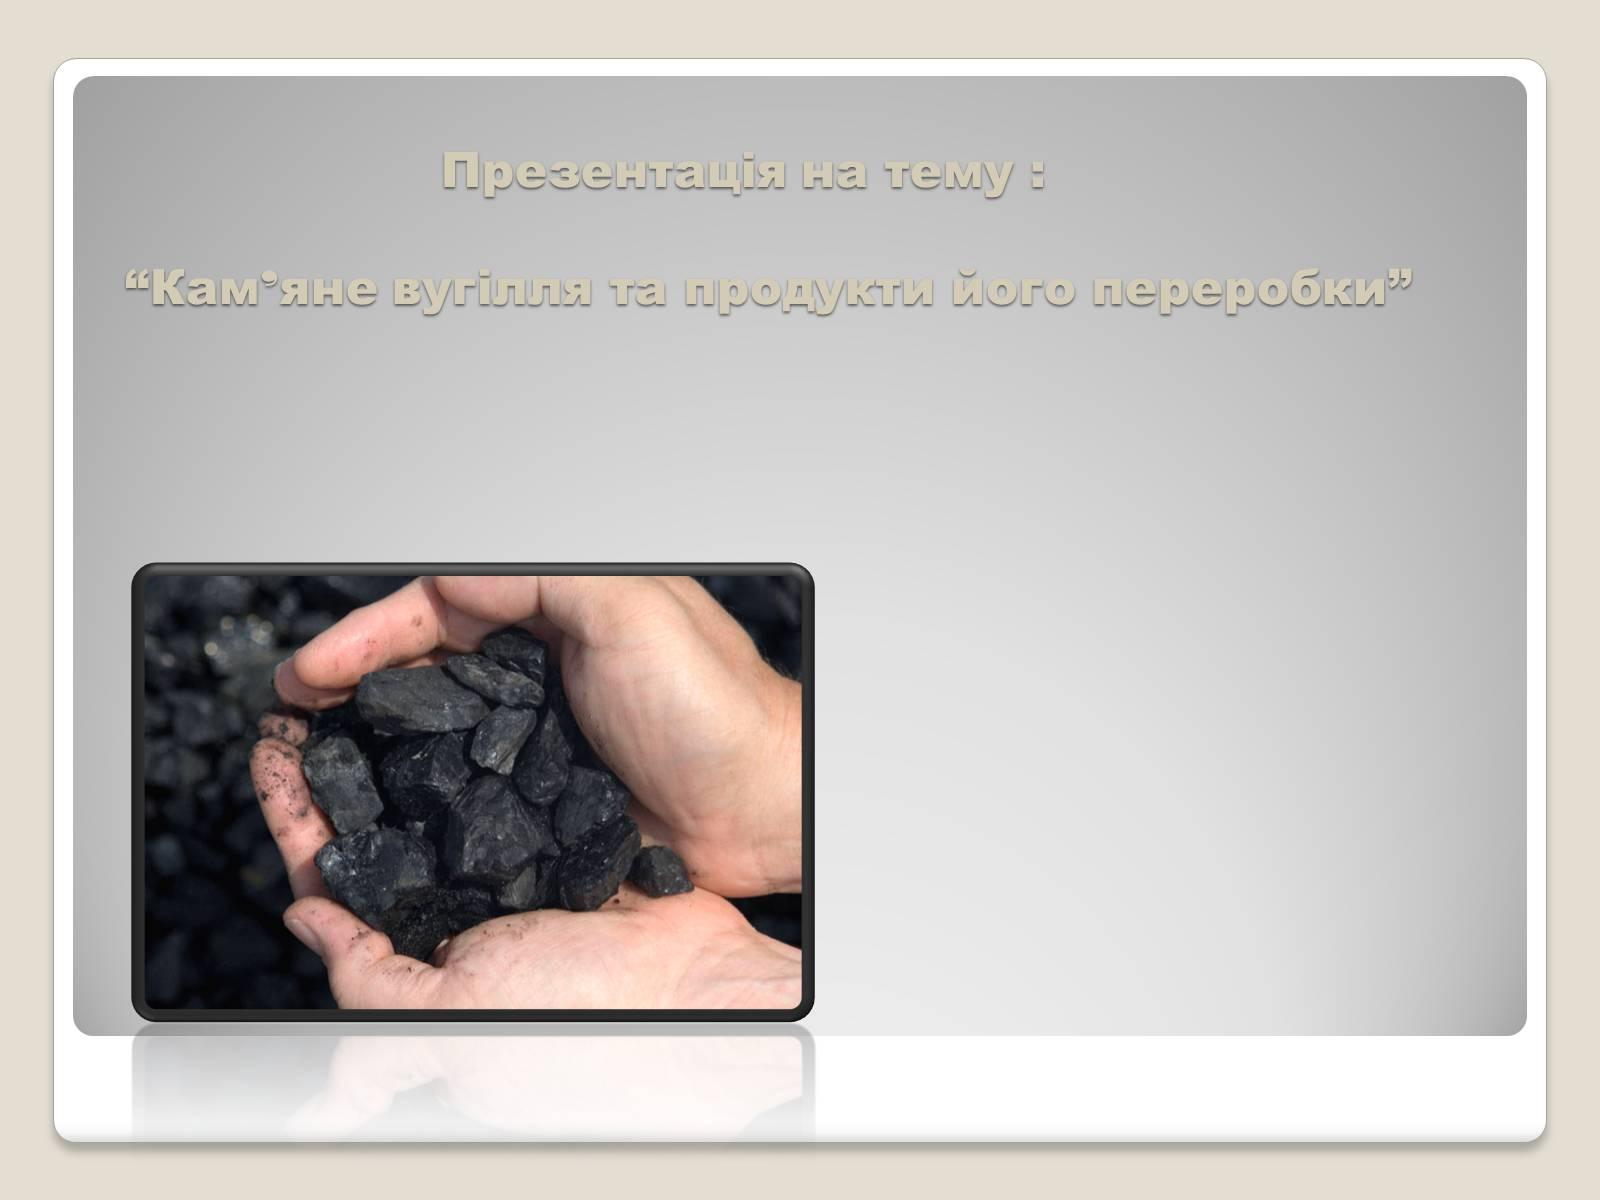 Камяне вугілля і продукти його переробки реферат